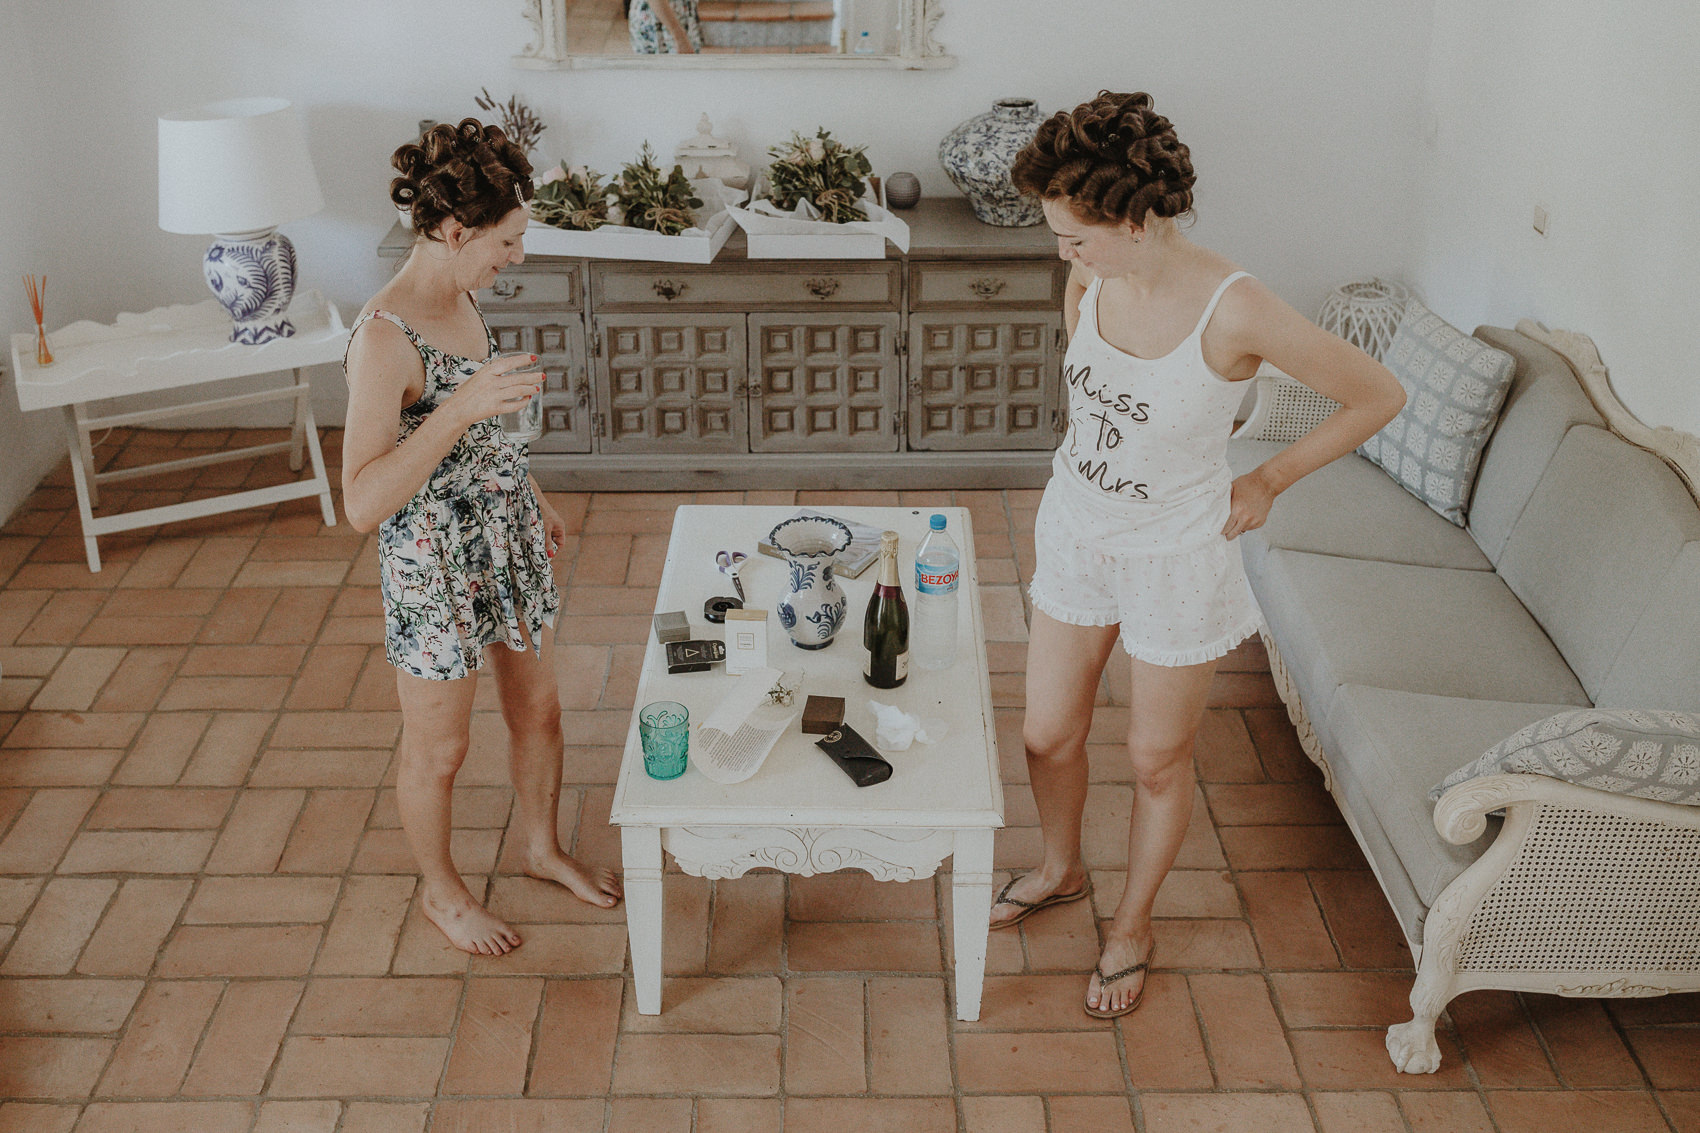 Sarah & Bill | Summer wedding at Cortijo Rosa Blanca | Marbella - Spain 6